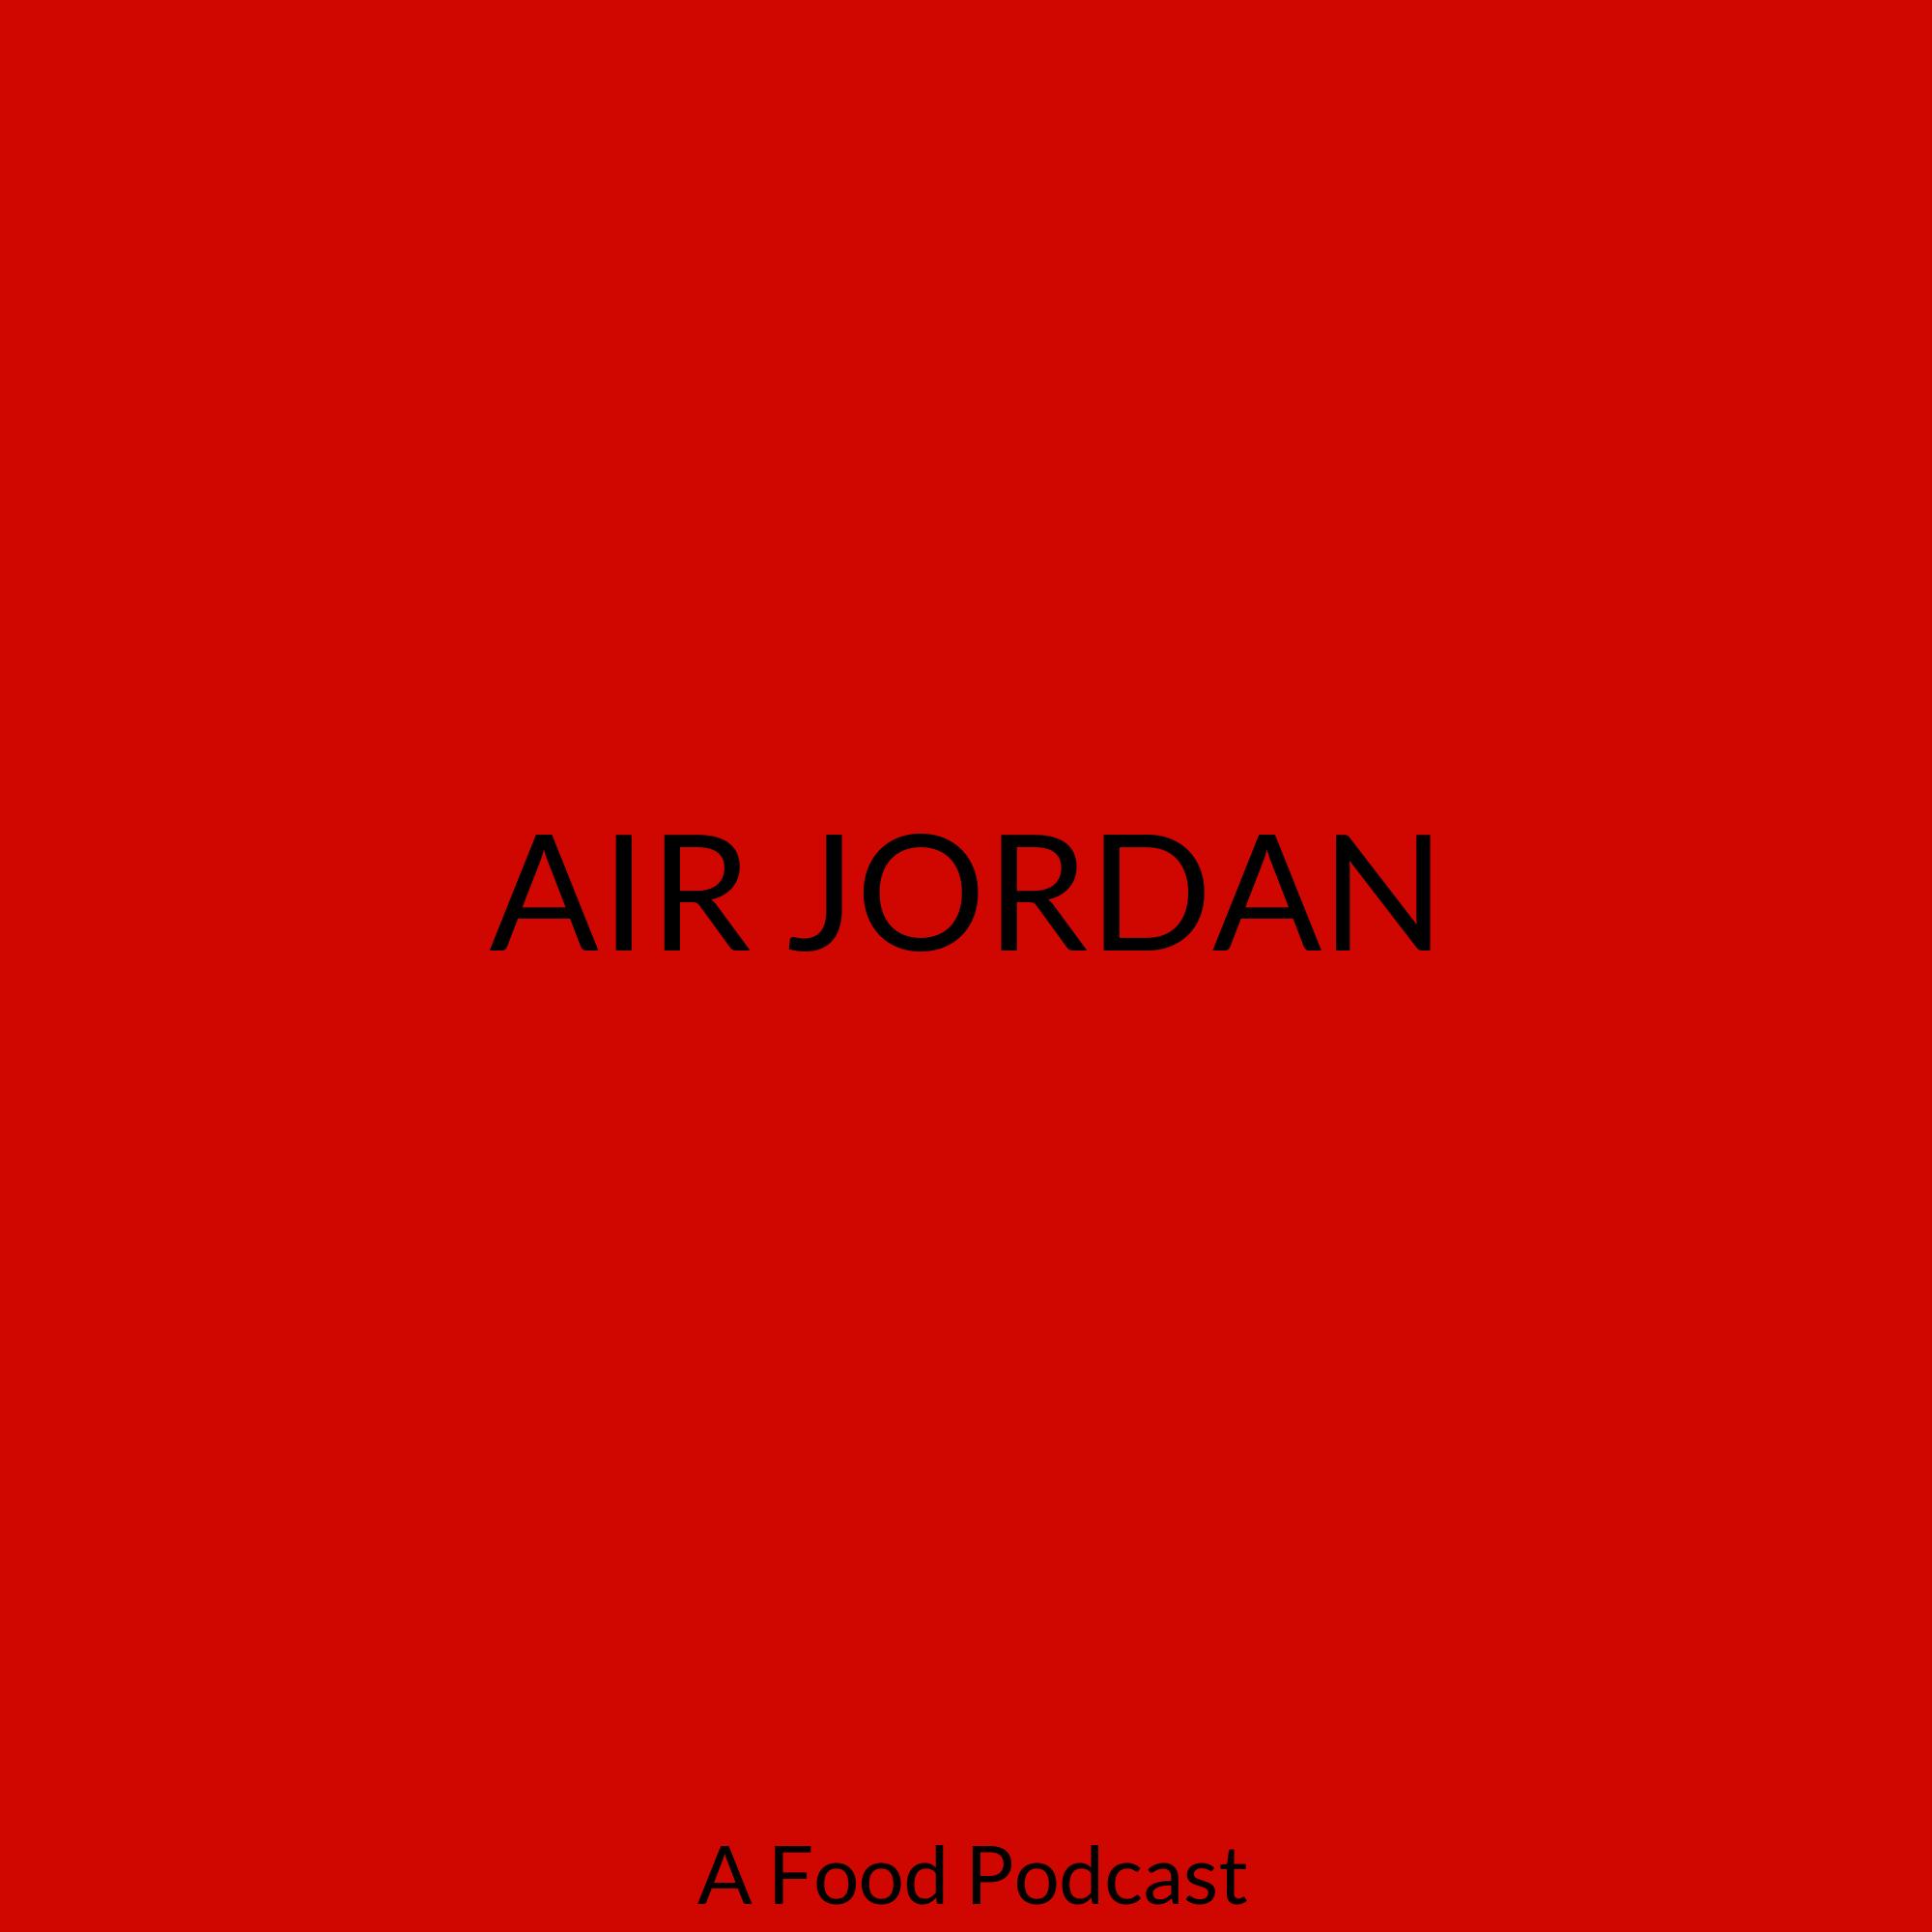 AIR JORDAN: A FOOD PODCAST show art